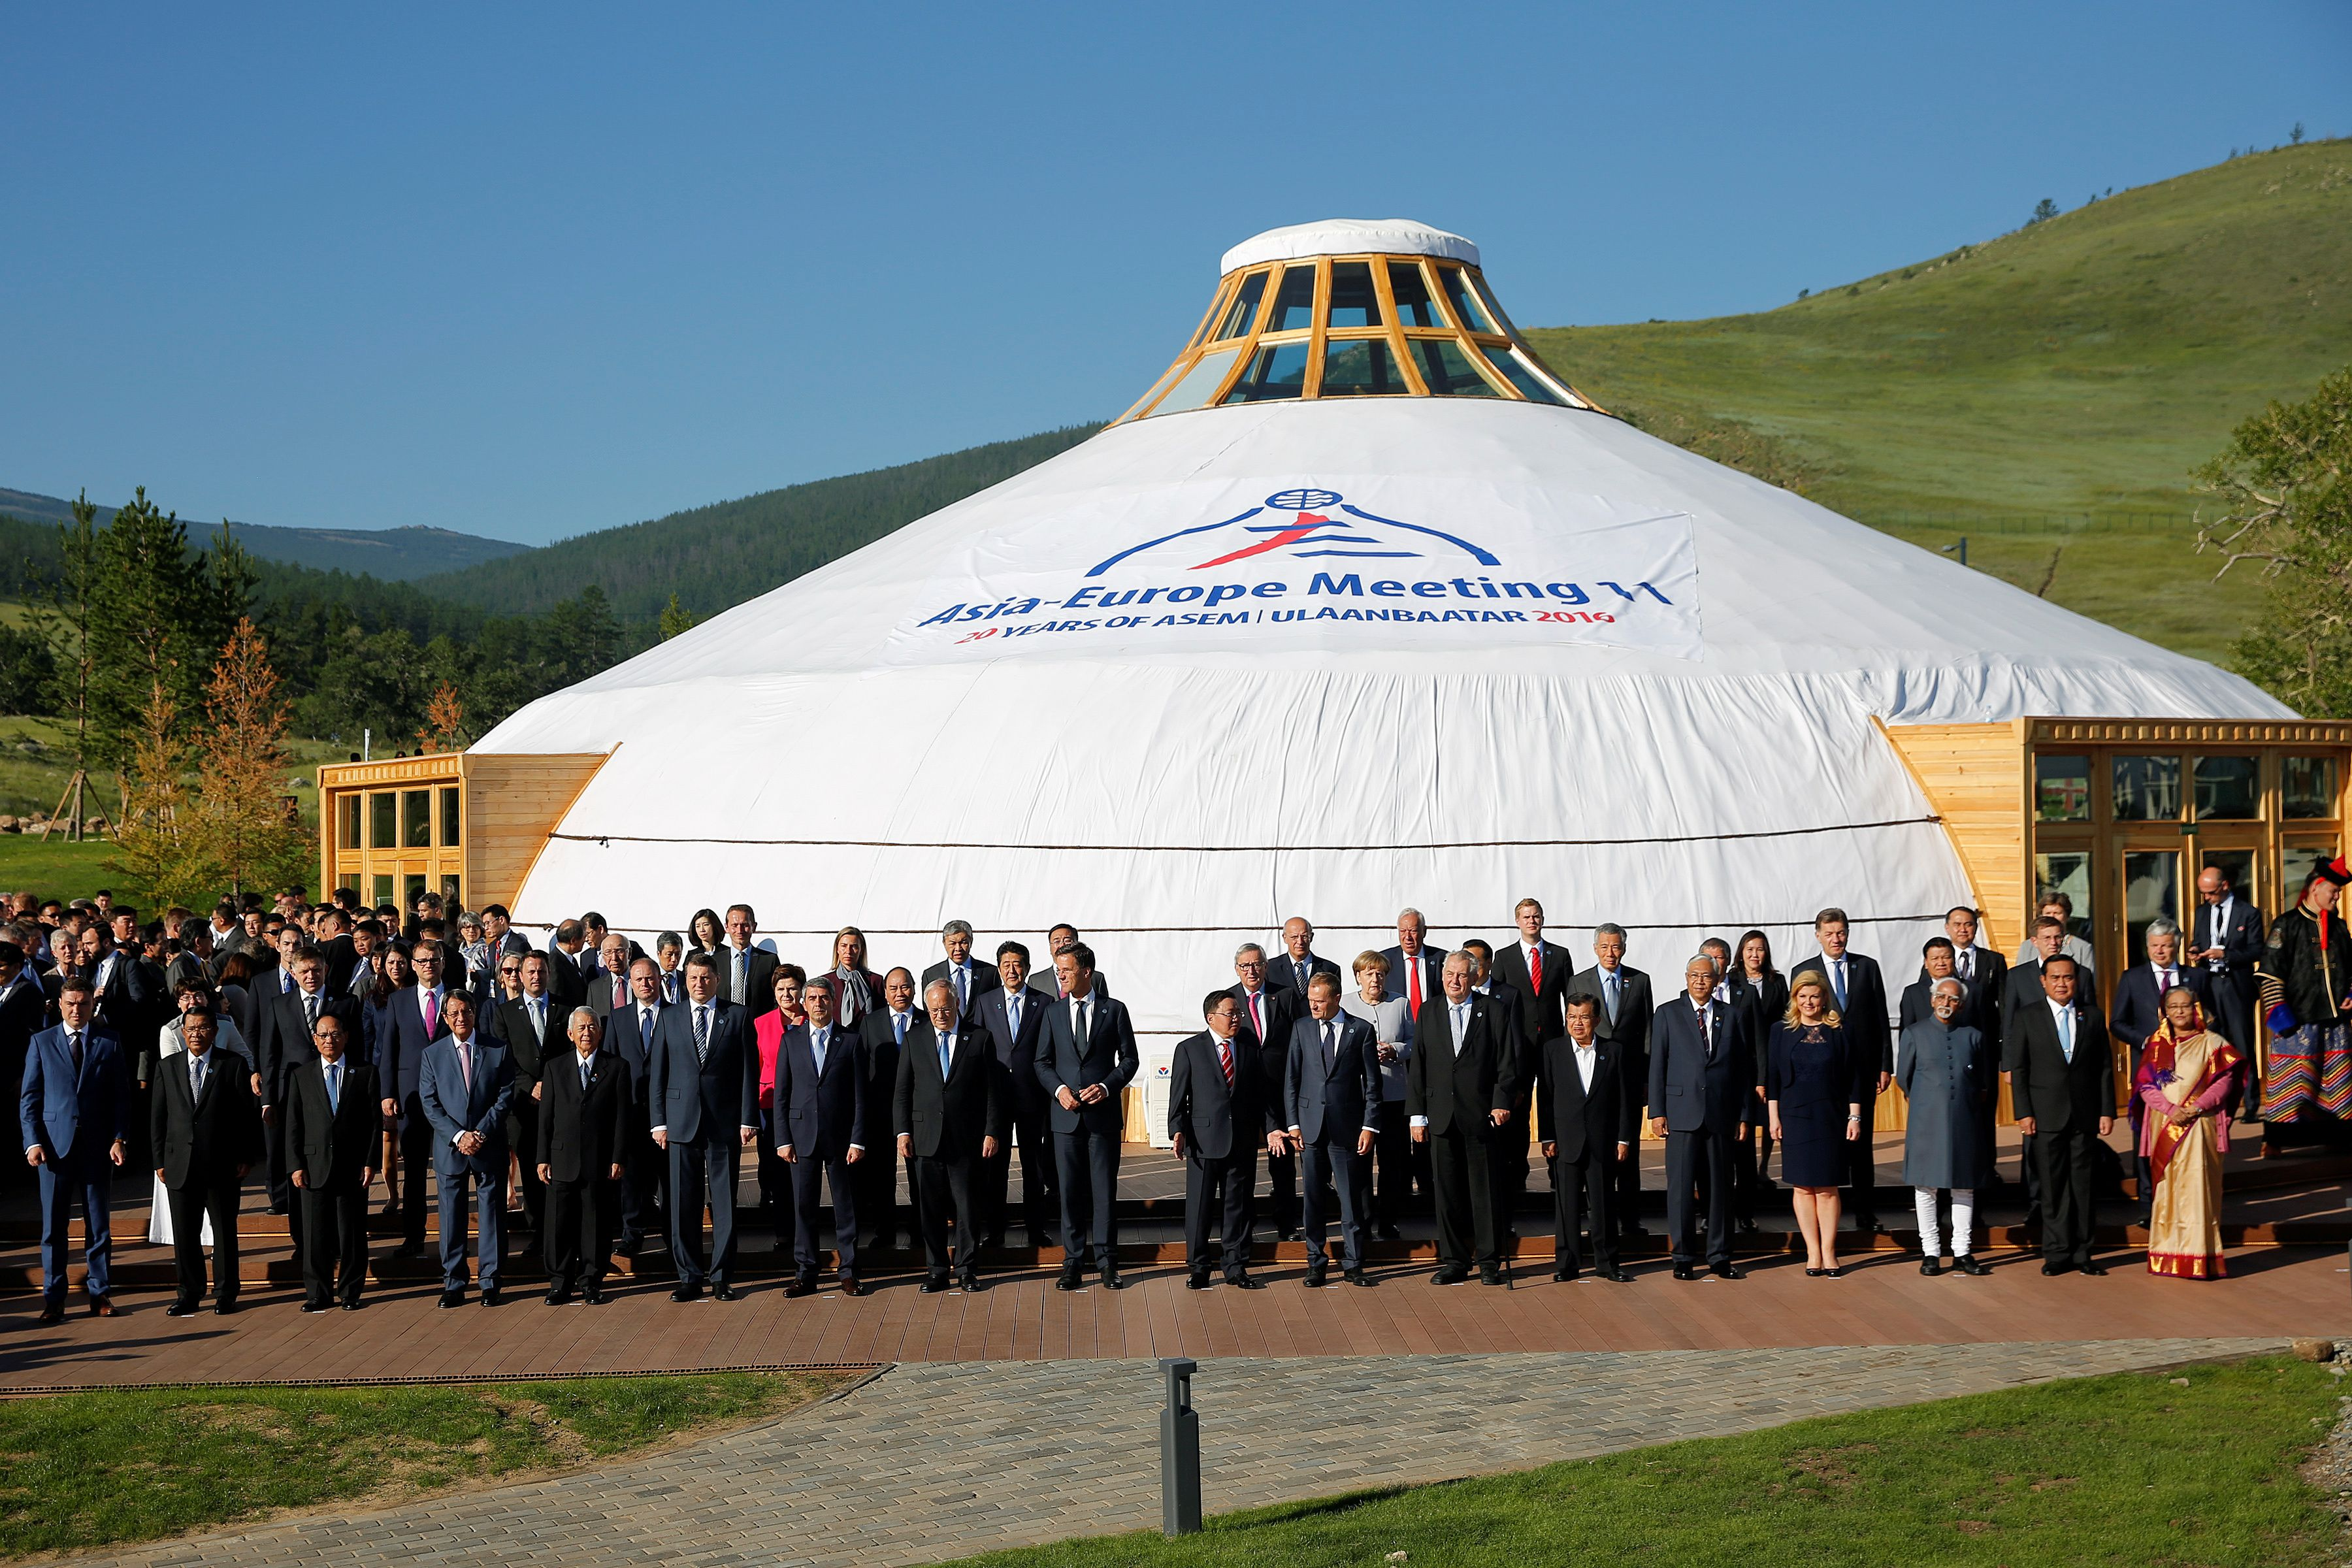 Mer de Chine : comment la décision rendue par la Cour permanente d'arbitrage de La Haye risque de perturber le sommet euro-asiatique d'Oulan-Bator